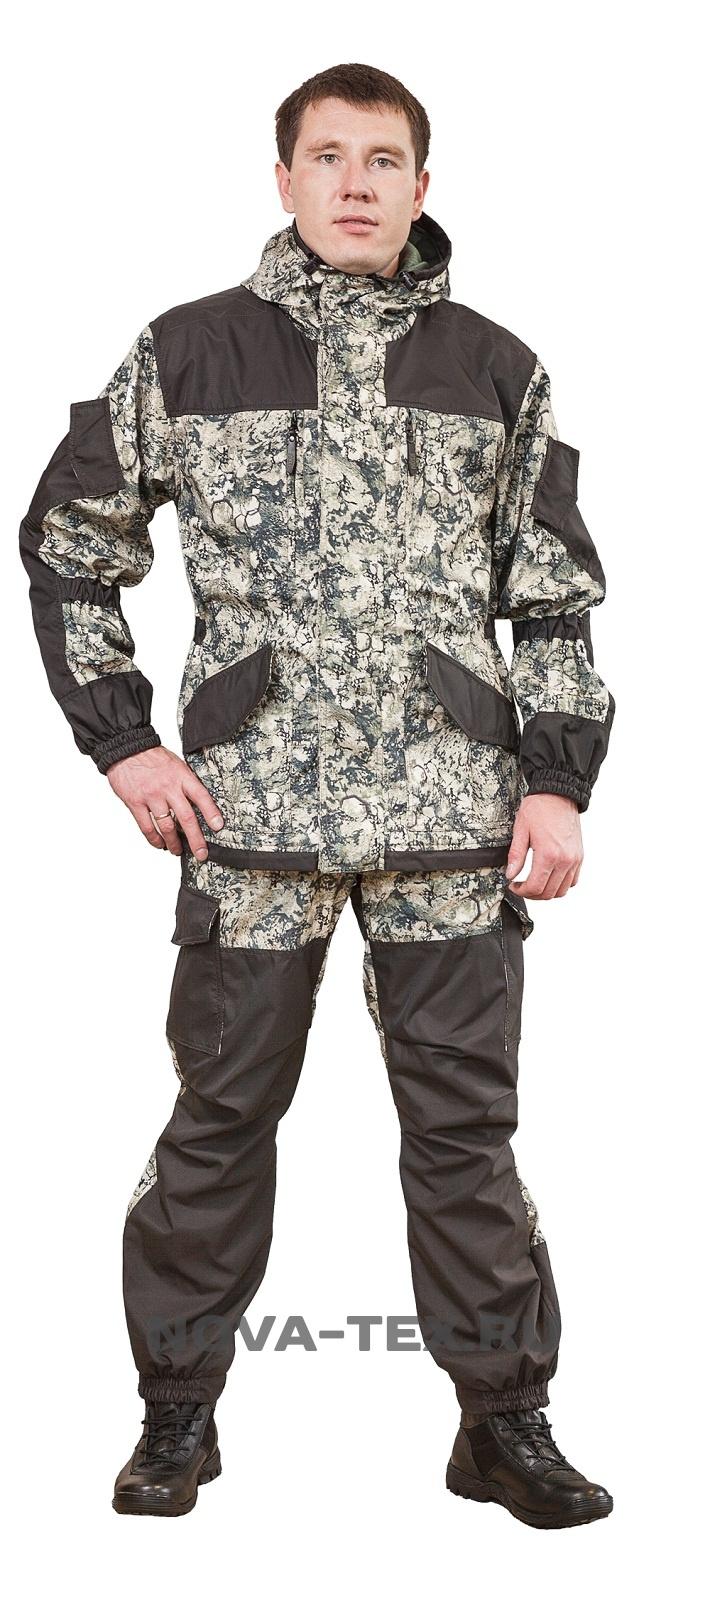 Костюм мужской Горка Осень-Дуплекс (060-3), Костюмы утепленные<br>Костюм «Горка Осень» ( ТМ «Payer») - разработан <br>в компании Novatex на основе легендарного костюма <br>«Горка», используемого в спецподразделениях, <br>а также огромным числом любителей всевозможного <br>экстрима. Костюм «Горка Осень» состоит <br>из куртки и брюк на подтяжках. Отличается <br>специальным анатомическим кроем, характерным <br>для данной линии одежды. Он не стесняет <br>движений, дает свободу перемещения в условиях <br>пересеченной местности. Верхний слой изготовлен <br>из современной ткани «Дуплекс», обладающей <br>отличными ветрозащитными свойствами, подкладка <br>из мягкого гипоаллергенного флиса обеспечивает <br>комфорт и тепло. Места повышенного износа <br>имеют дополнительное усиление мембранной <br>тканью «кошачий глаз», которая не пропускает <br>влагу снаружи, отводит ее изнутри и обладает <br>повышенной износостойкостью. Рекомендован <br>для военных, охотников, рыбаков, туристов, <br>любителей военно-спортивных игр, представителей <br>силовых структур. Особенности модели: -ветрозащитная <br>ткань -двойная ветрозащитная планка -анатомический <br>крой -двухзамко<br><br>Пол: мужской<br>Размер: 48-50<br>Рост: 182-188<br>Сезон: демисезонный<br>Цвет: серый<br>Материал: текстиль